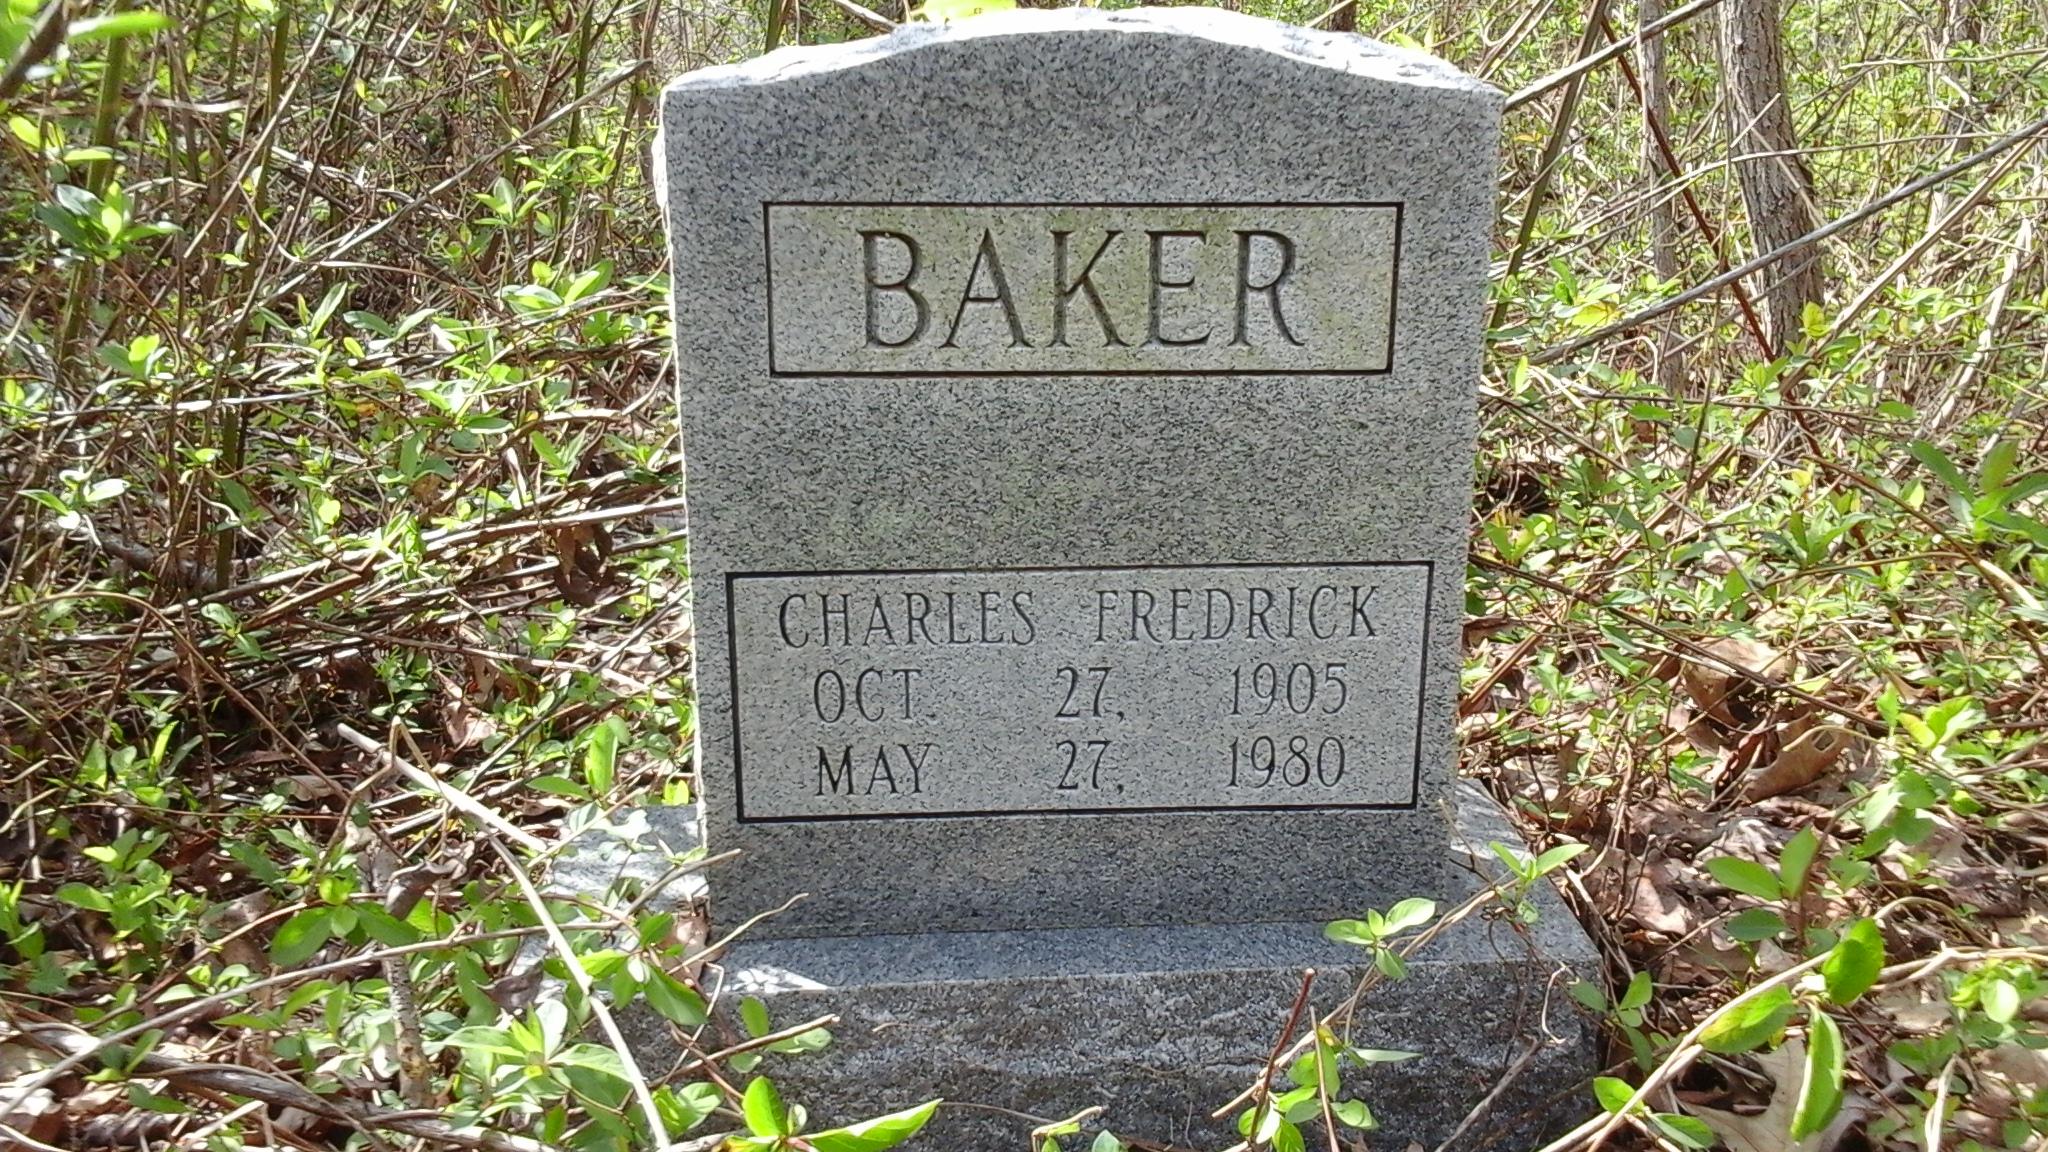 Charles Fredrick Baker